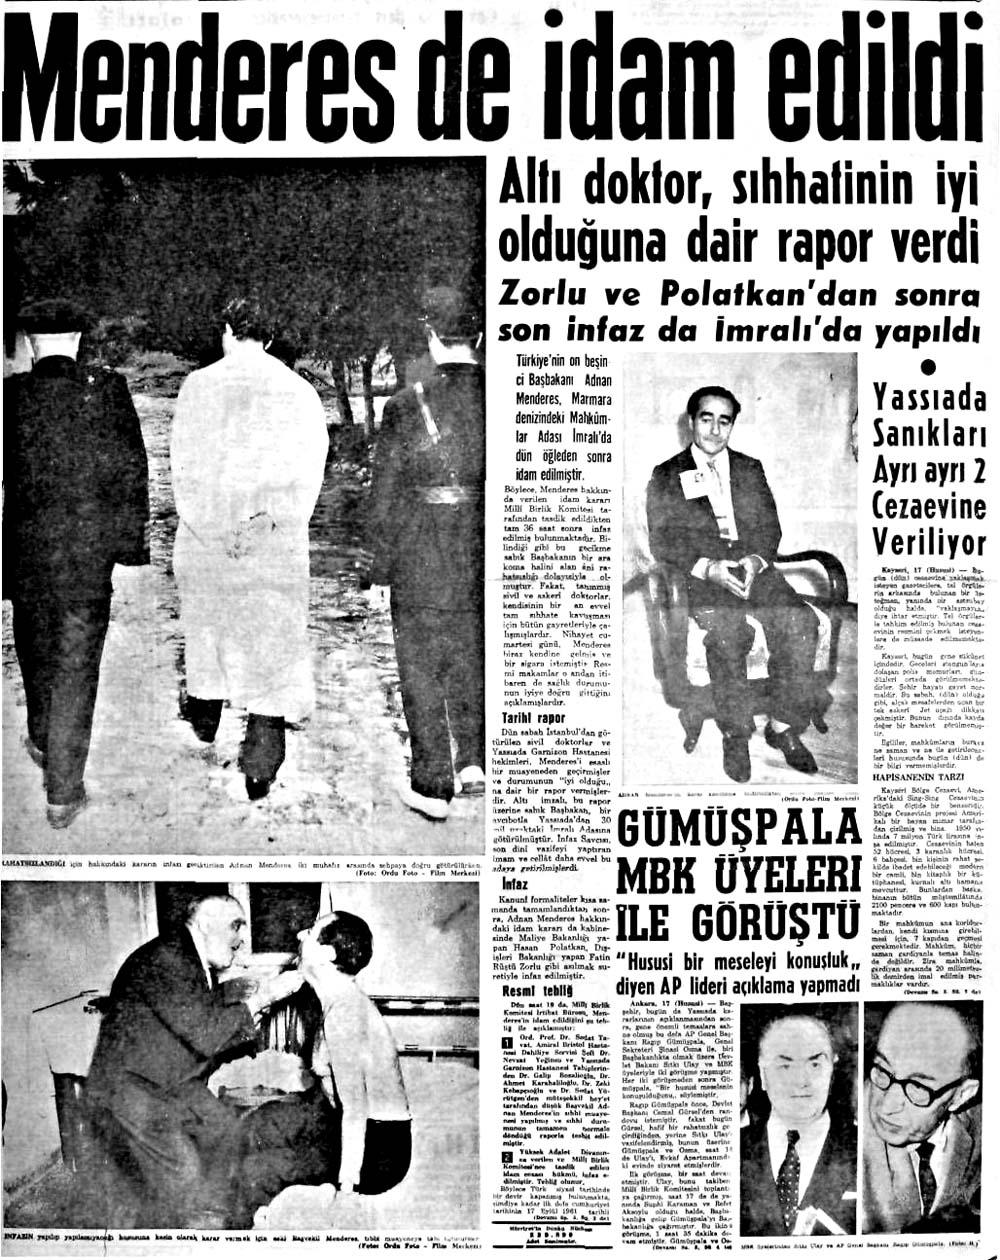 Adnan Menderes İmralı adasında idam edildi